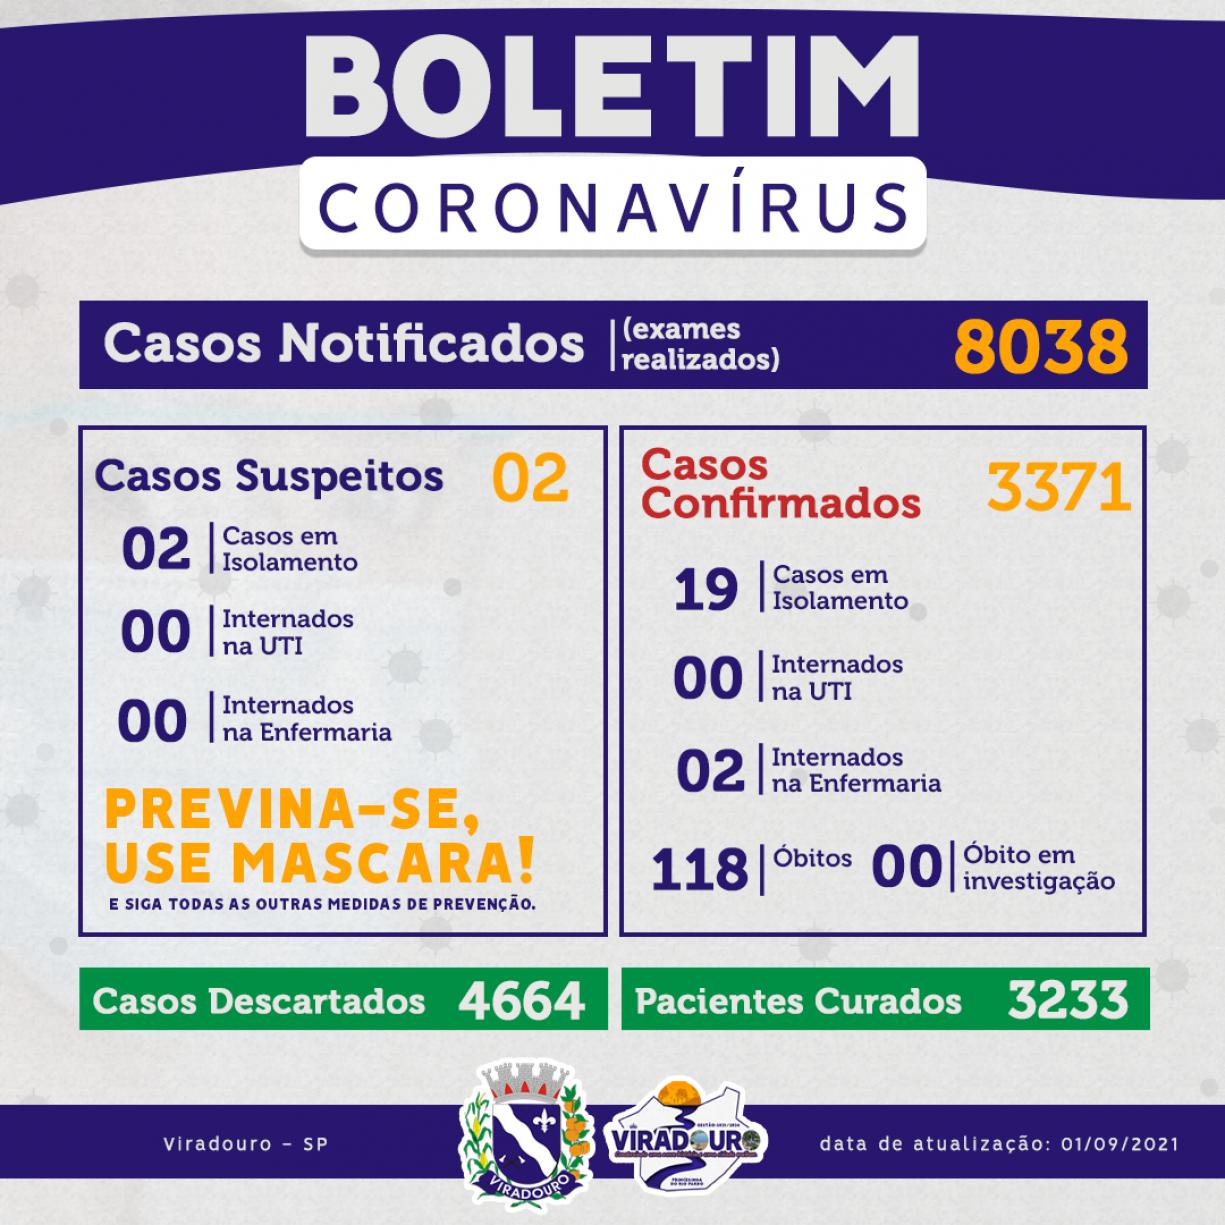 CORONAVÍRUS: BOLETIM EPIDEMIOLÓGICO (ATUALIZAÇÃO 01/09/2021)